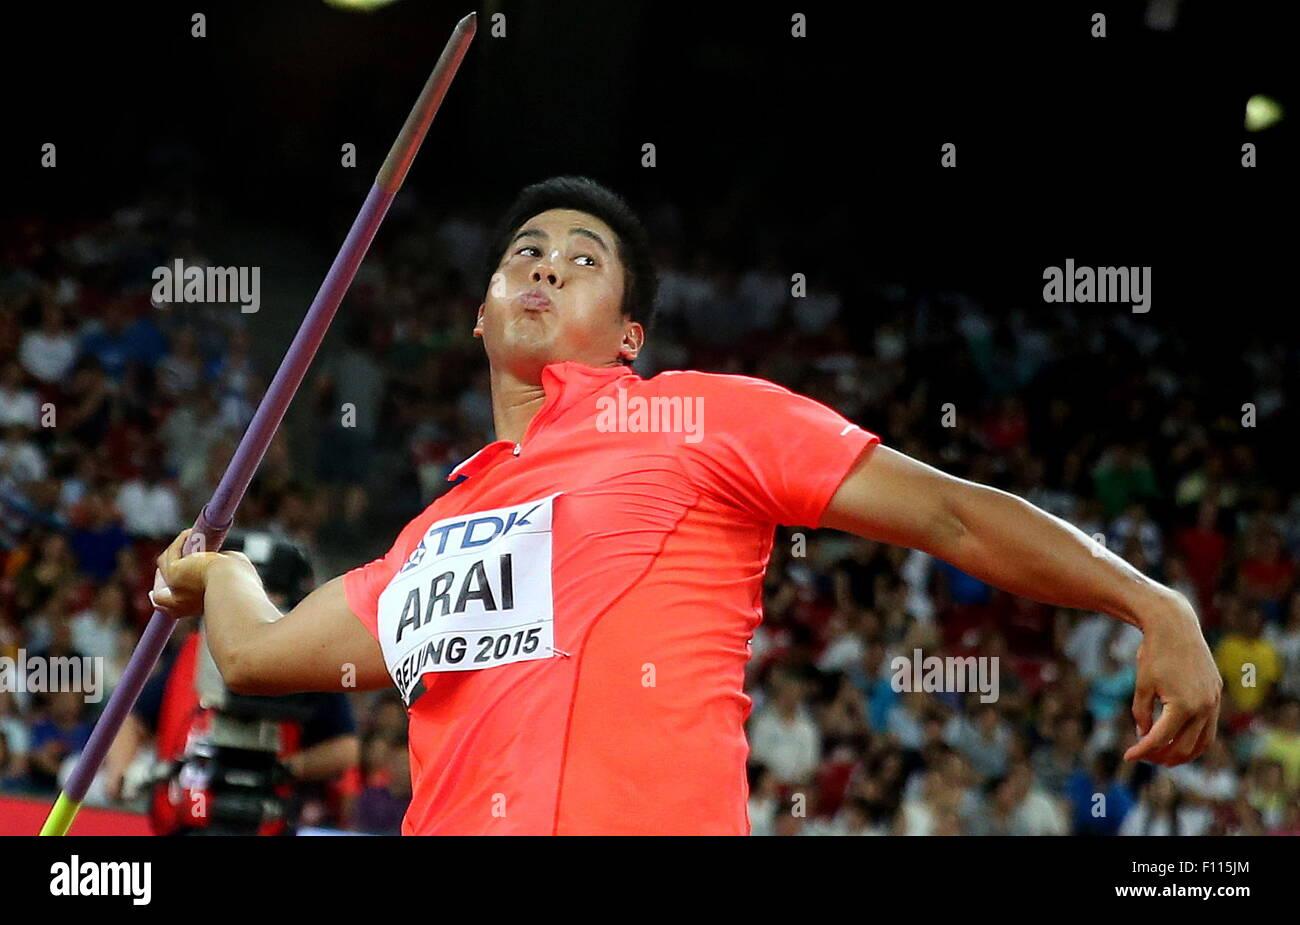 Beijing, Chine. Août 24, 2015. Ryohei du Japon Arai spécialiste du lancer du javelot hommes tour de qualification Photo Stock